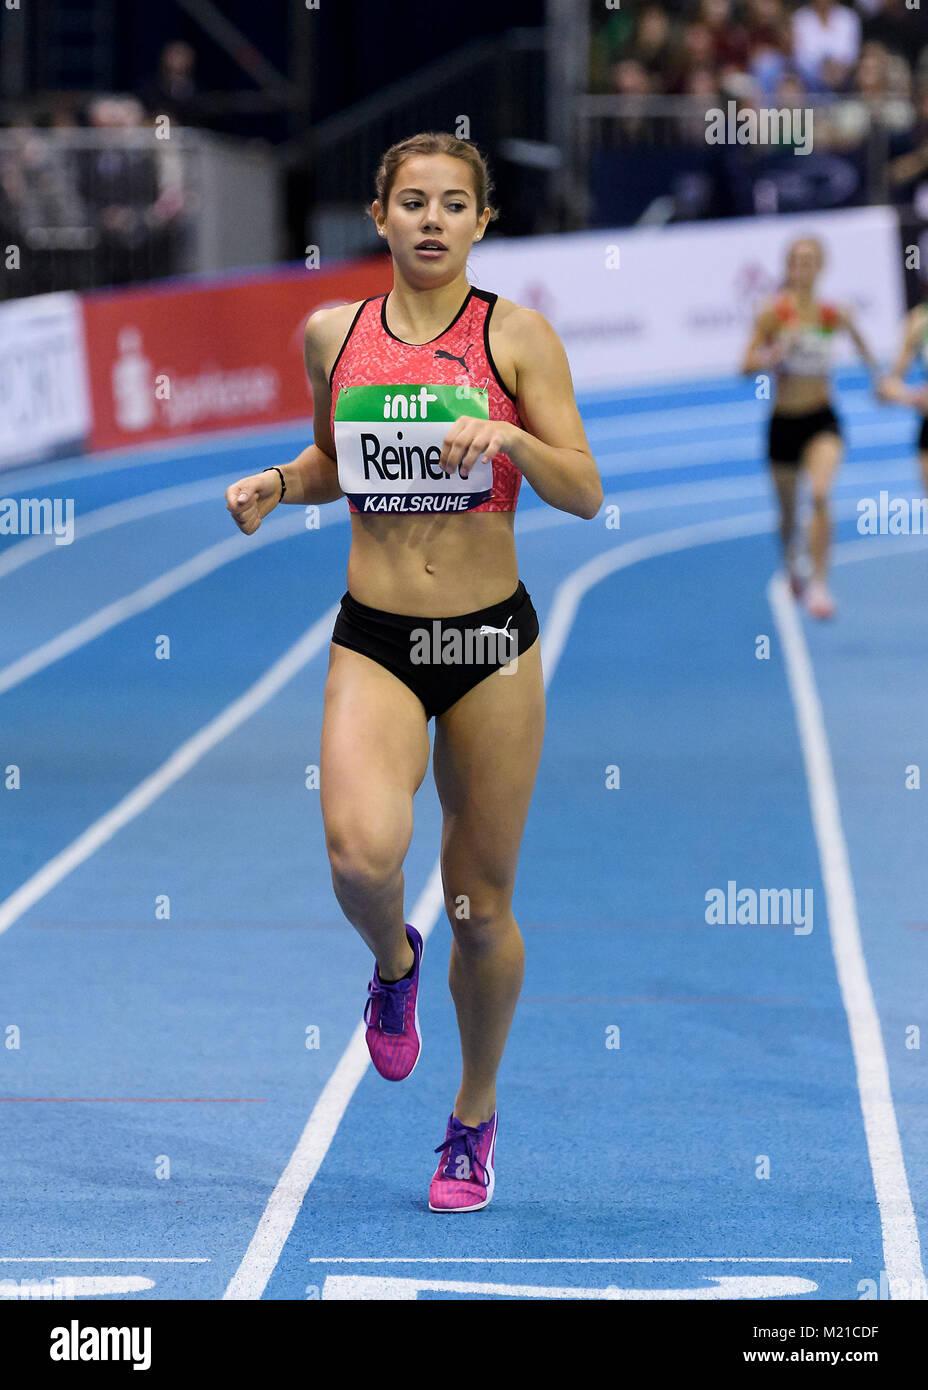 Karlsruhe, Deutschland. 03rd Feb, 2018. 1500m U16 Regional weiblich: Jana Reinert (LG Region Karlsruhe). GES/ Leichtathletik/ - Stock Image